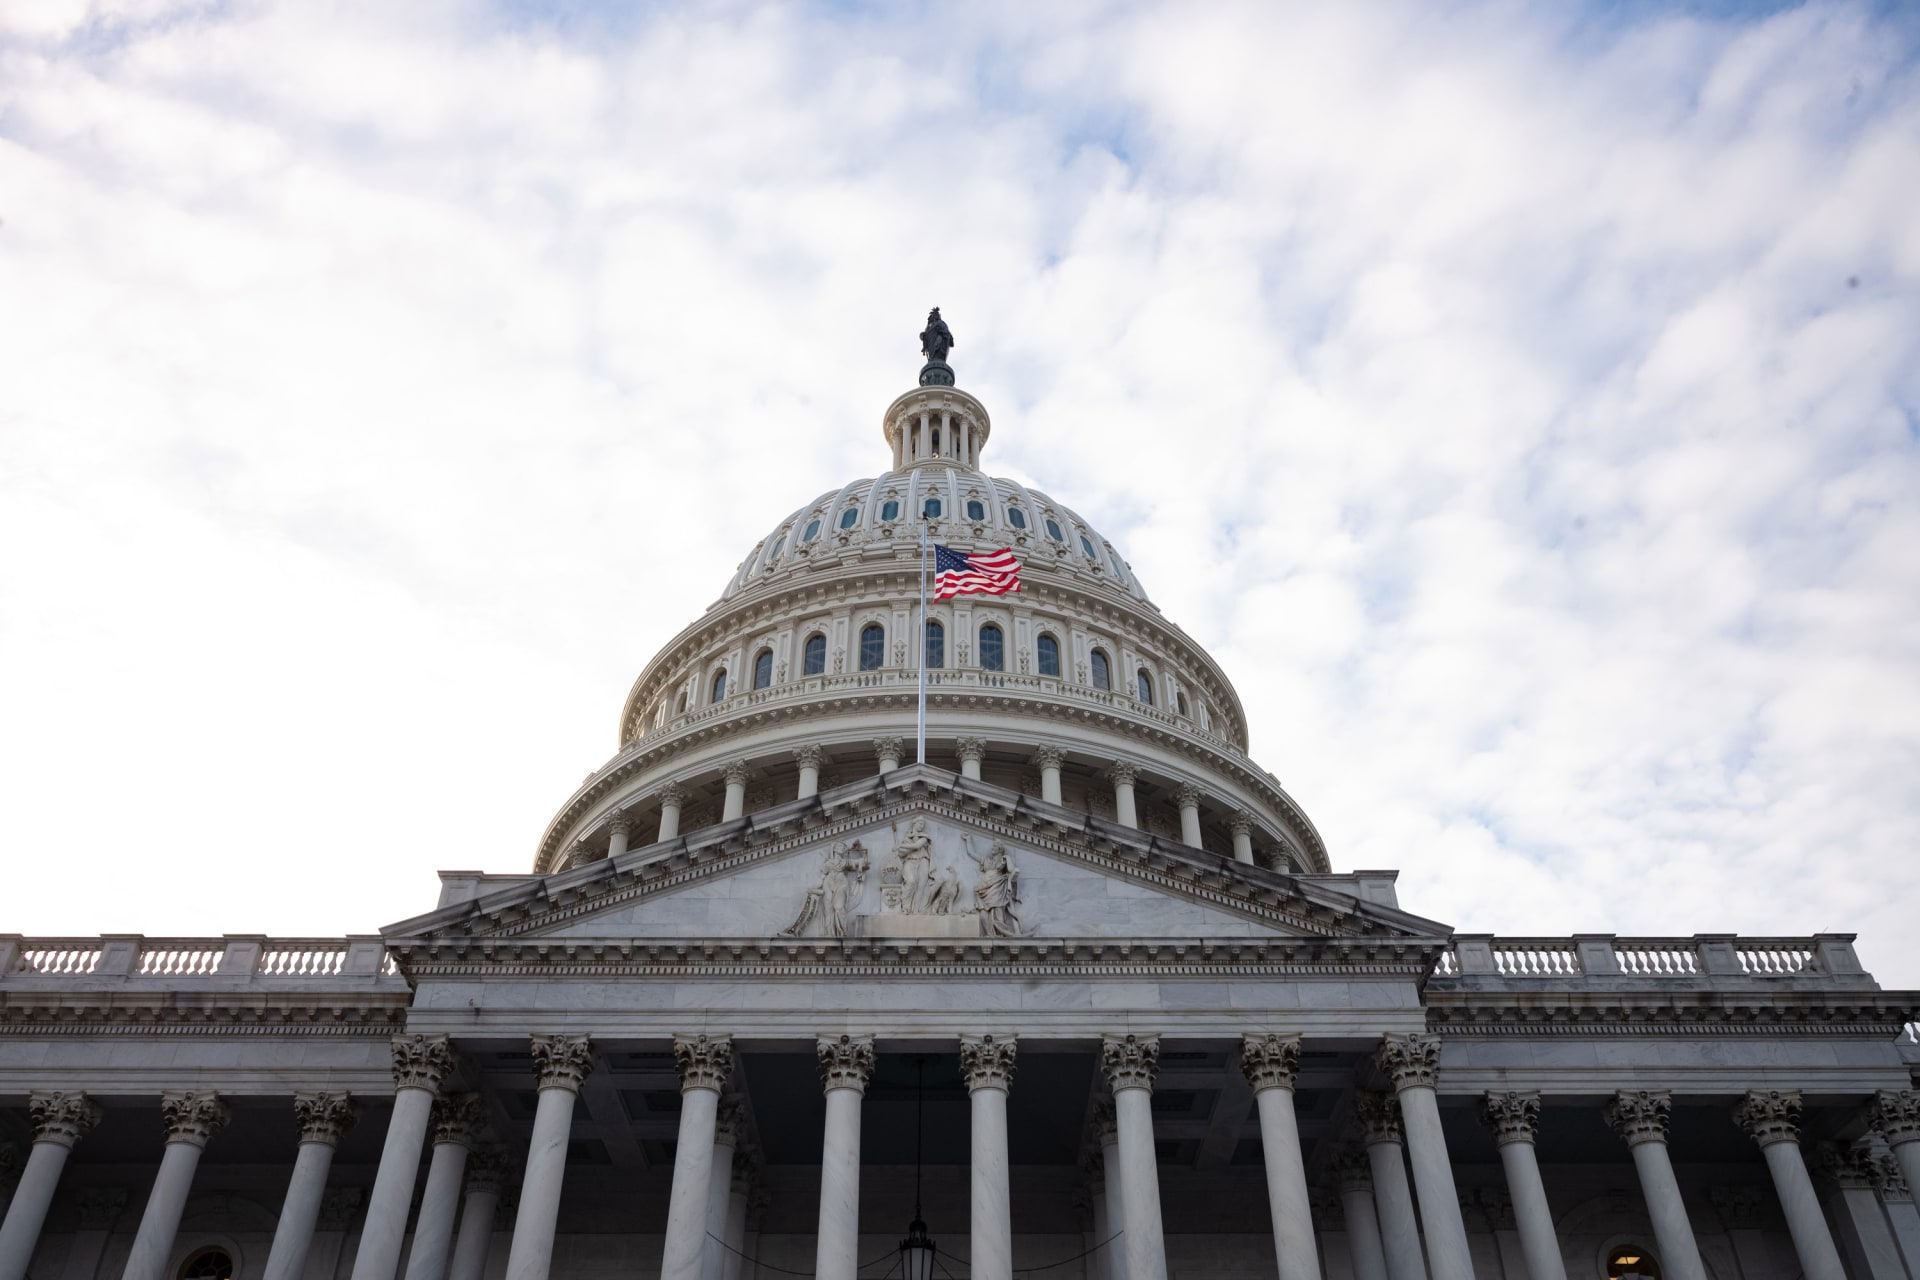 الكونغرس الأمريكي يوافق على حزمة تحفيز اقتصادي قيمتها 900 مليار دولار